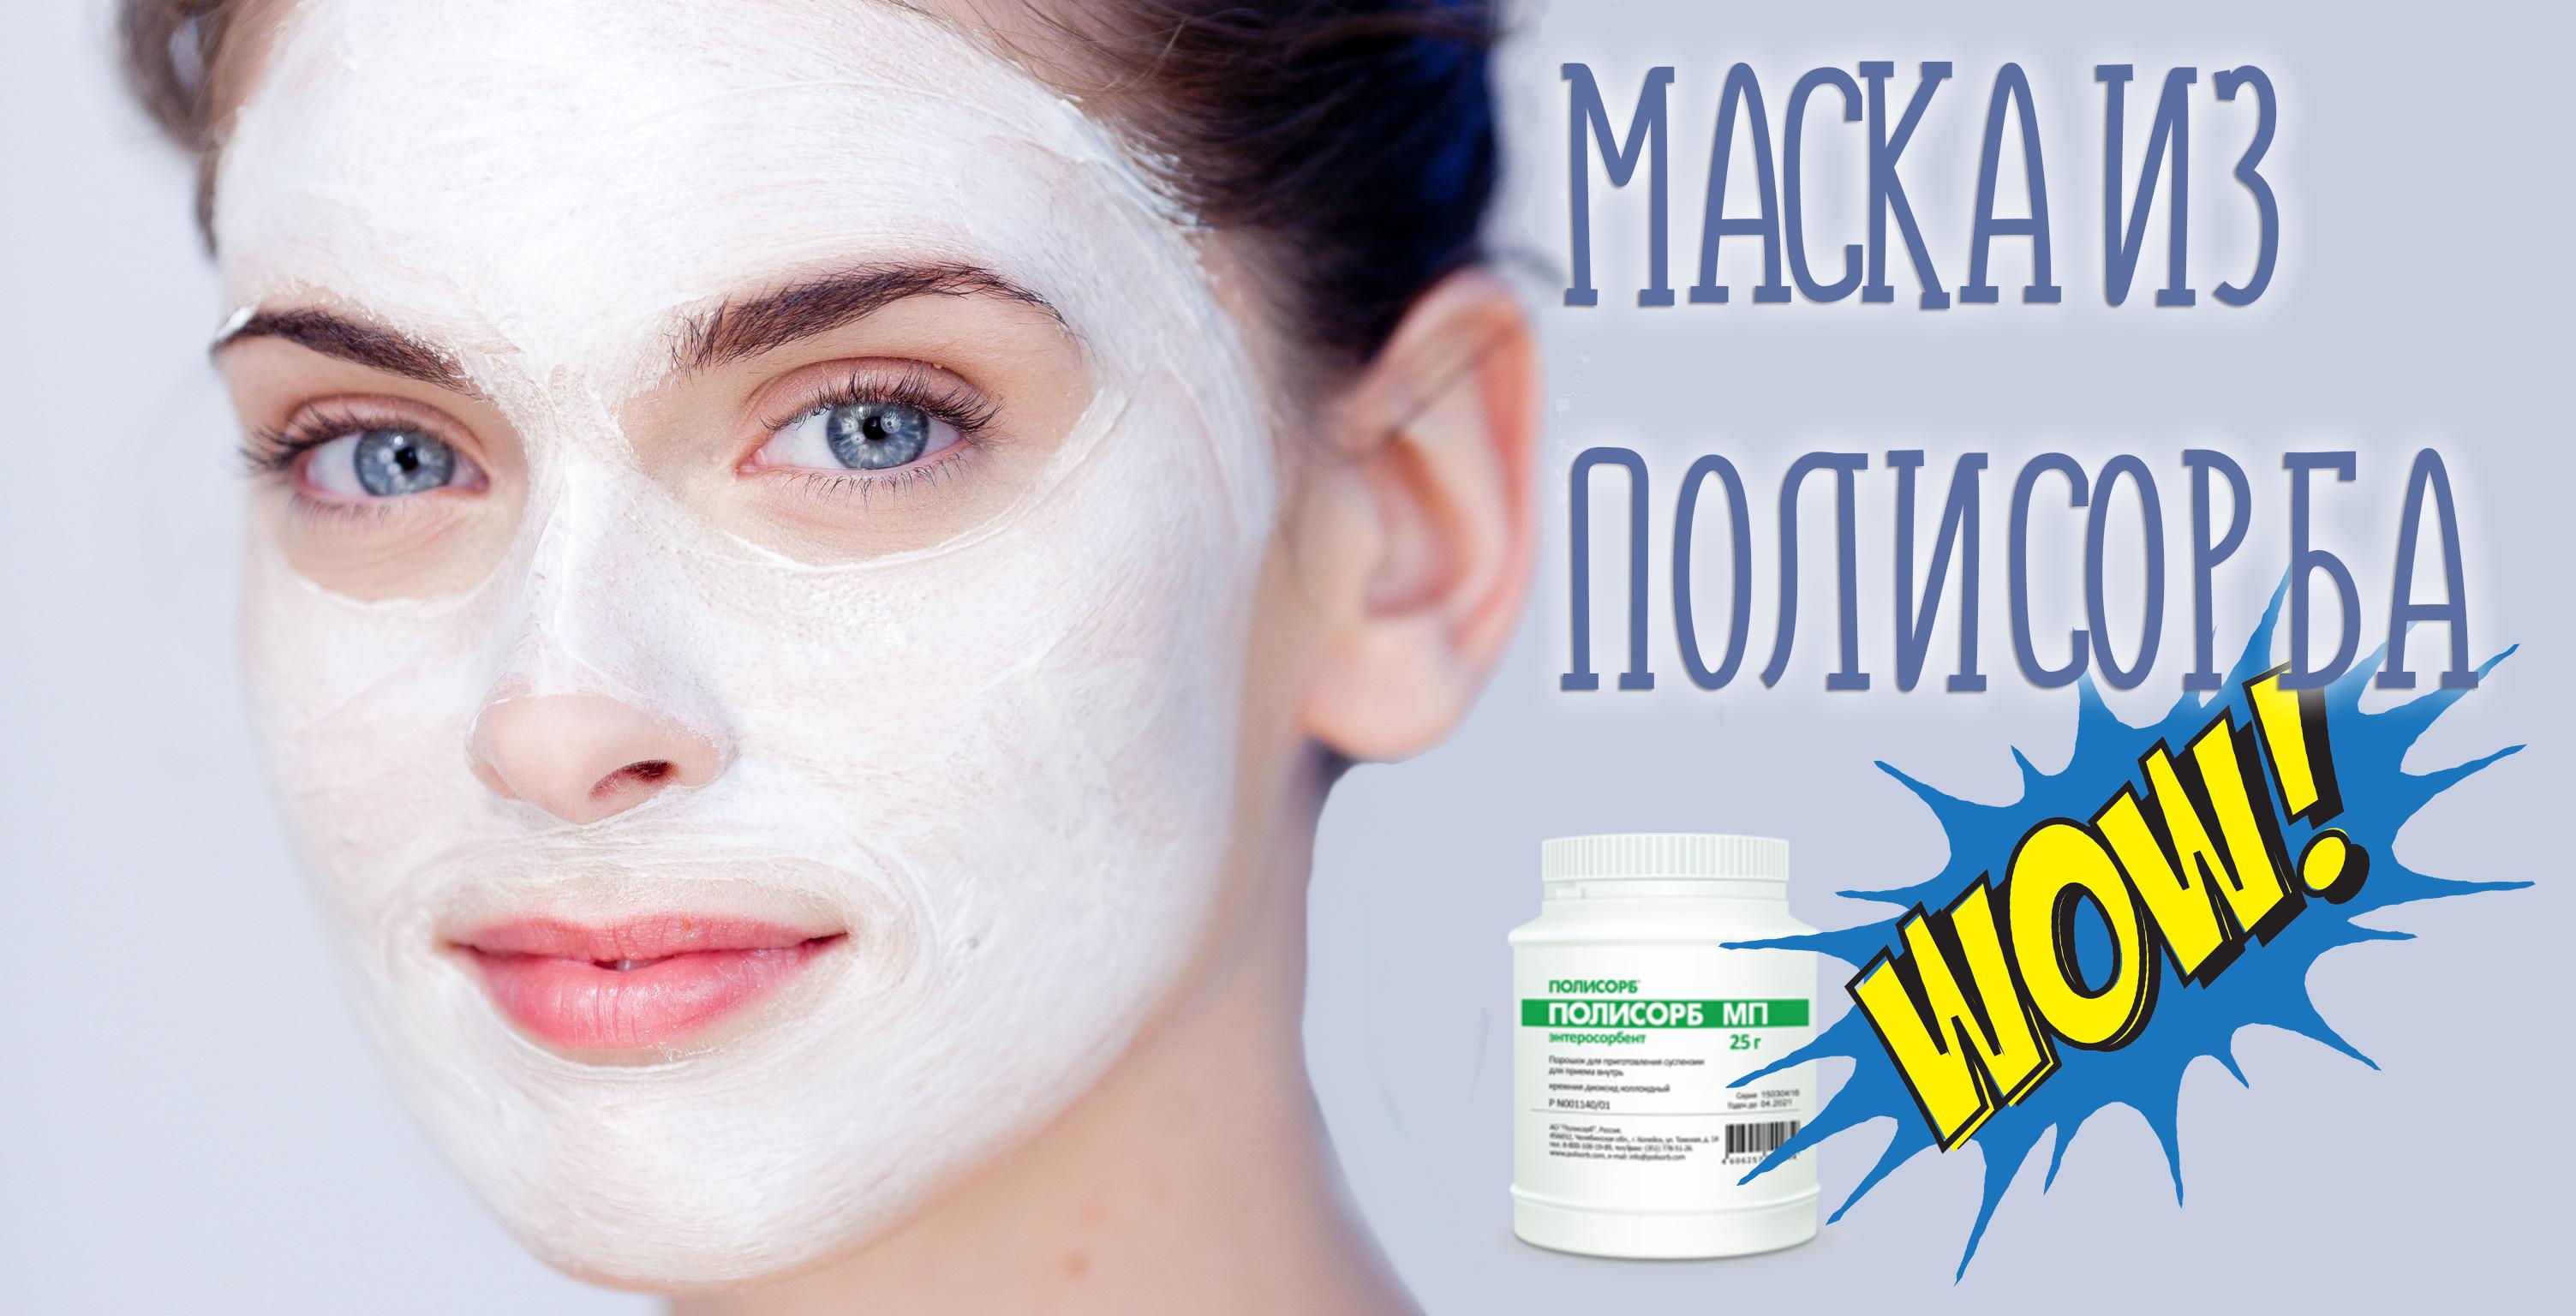 Маска из полисорба для лица. Как сделать самые эффективные маски?